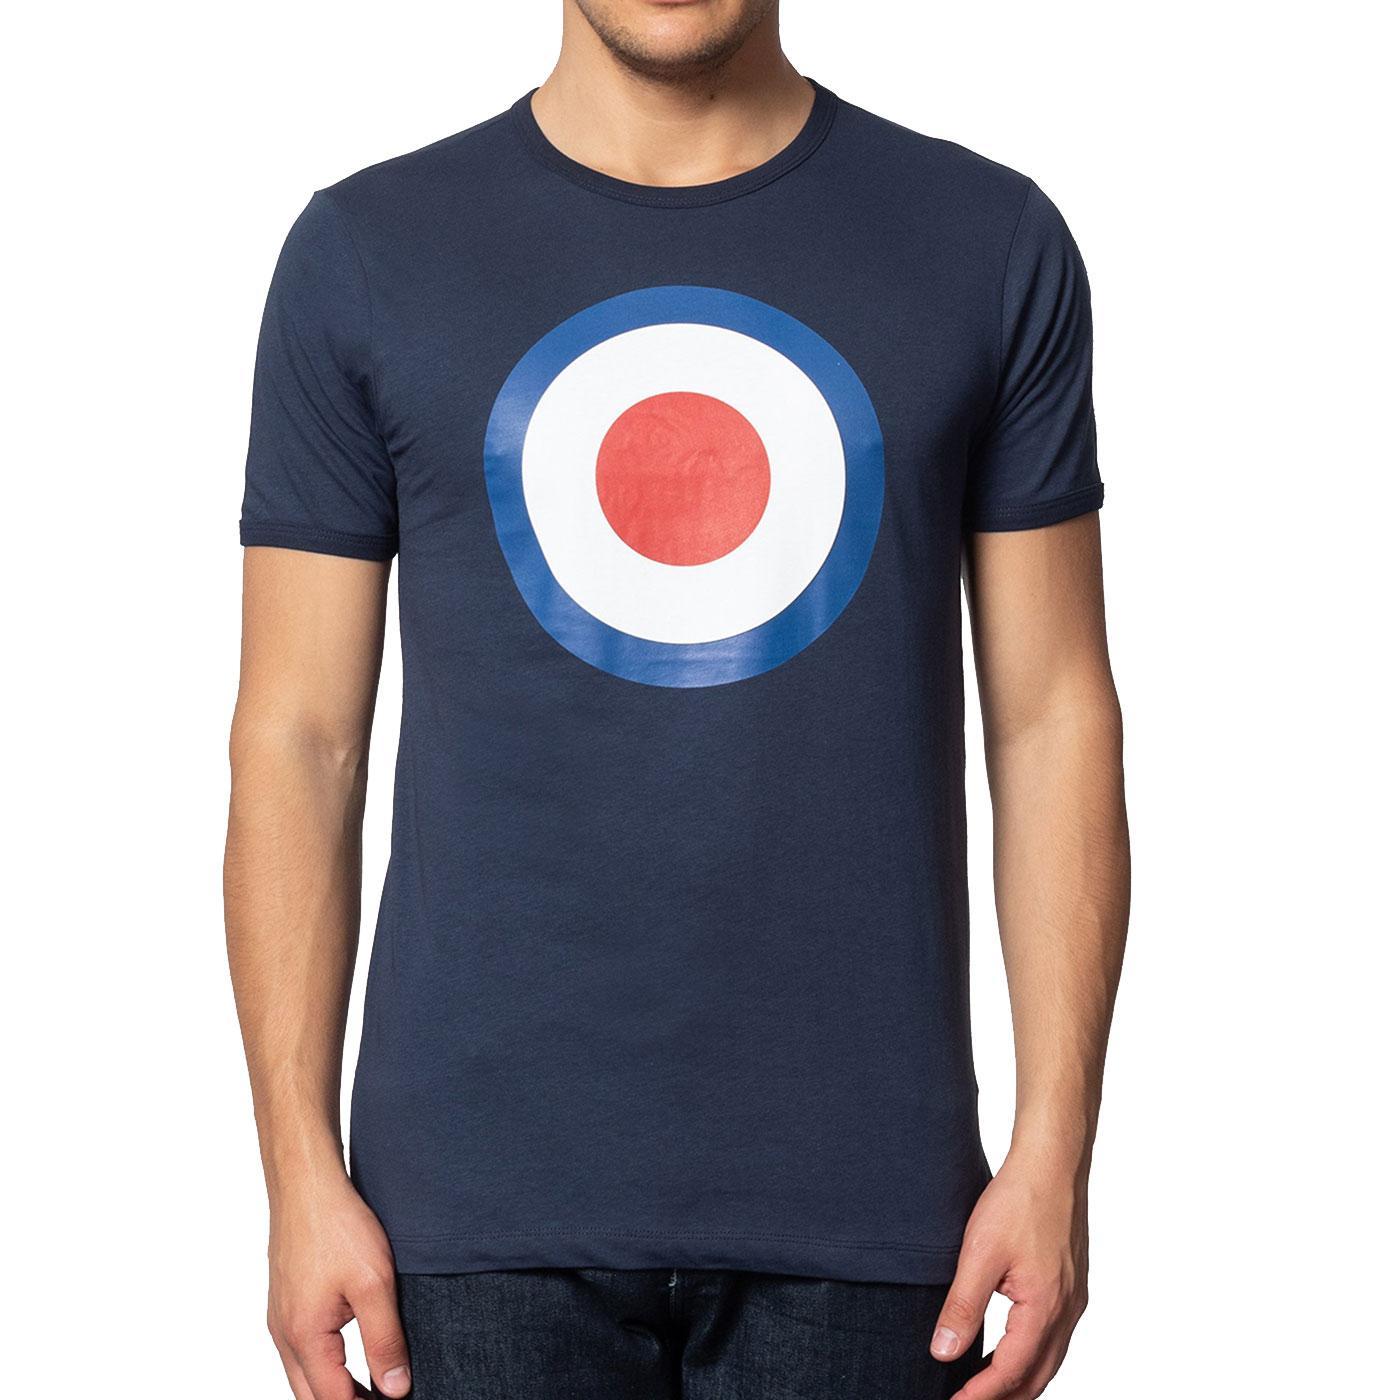 Ticket MERC Mod Target Retro Pop Art T-Shirt NAVY